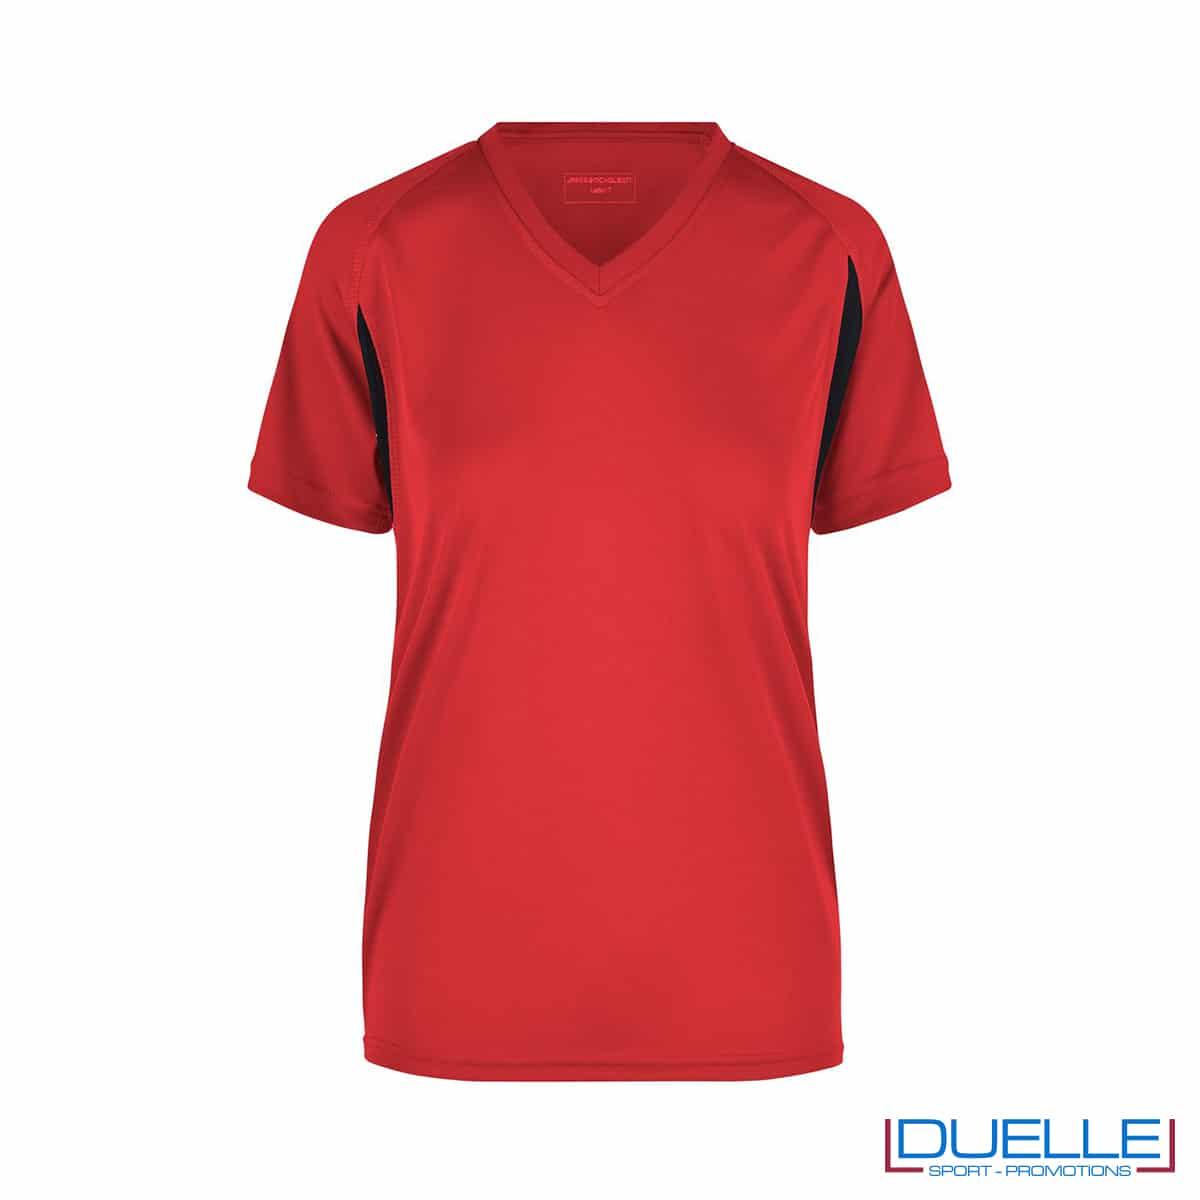 T-shirt running donna personalizzata colore rosso-nero